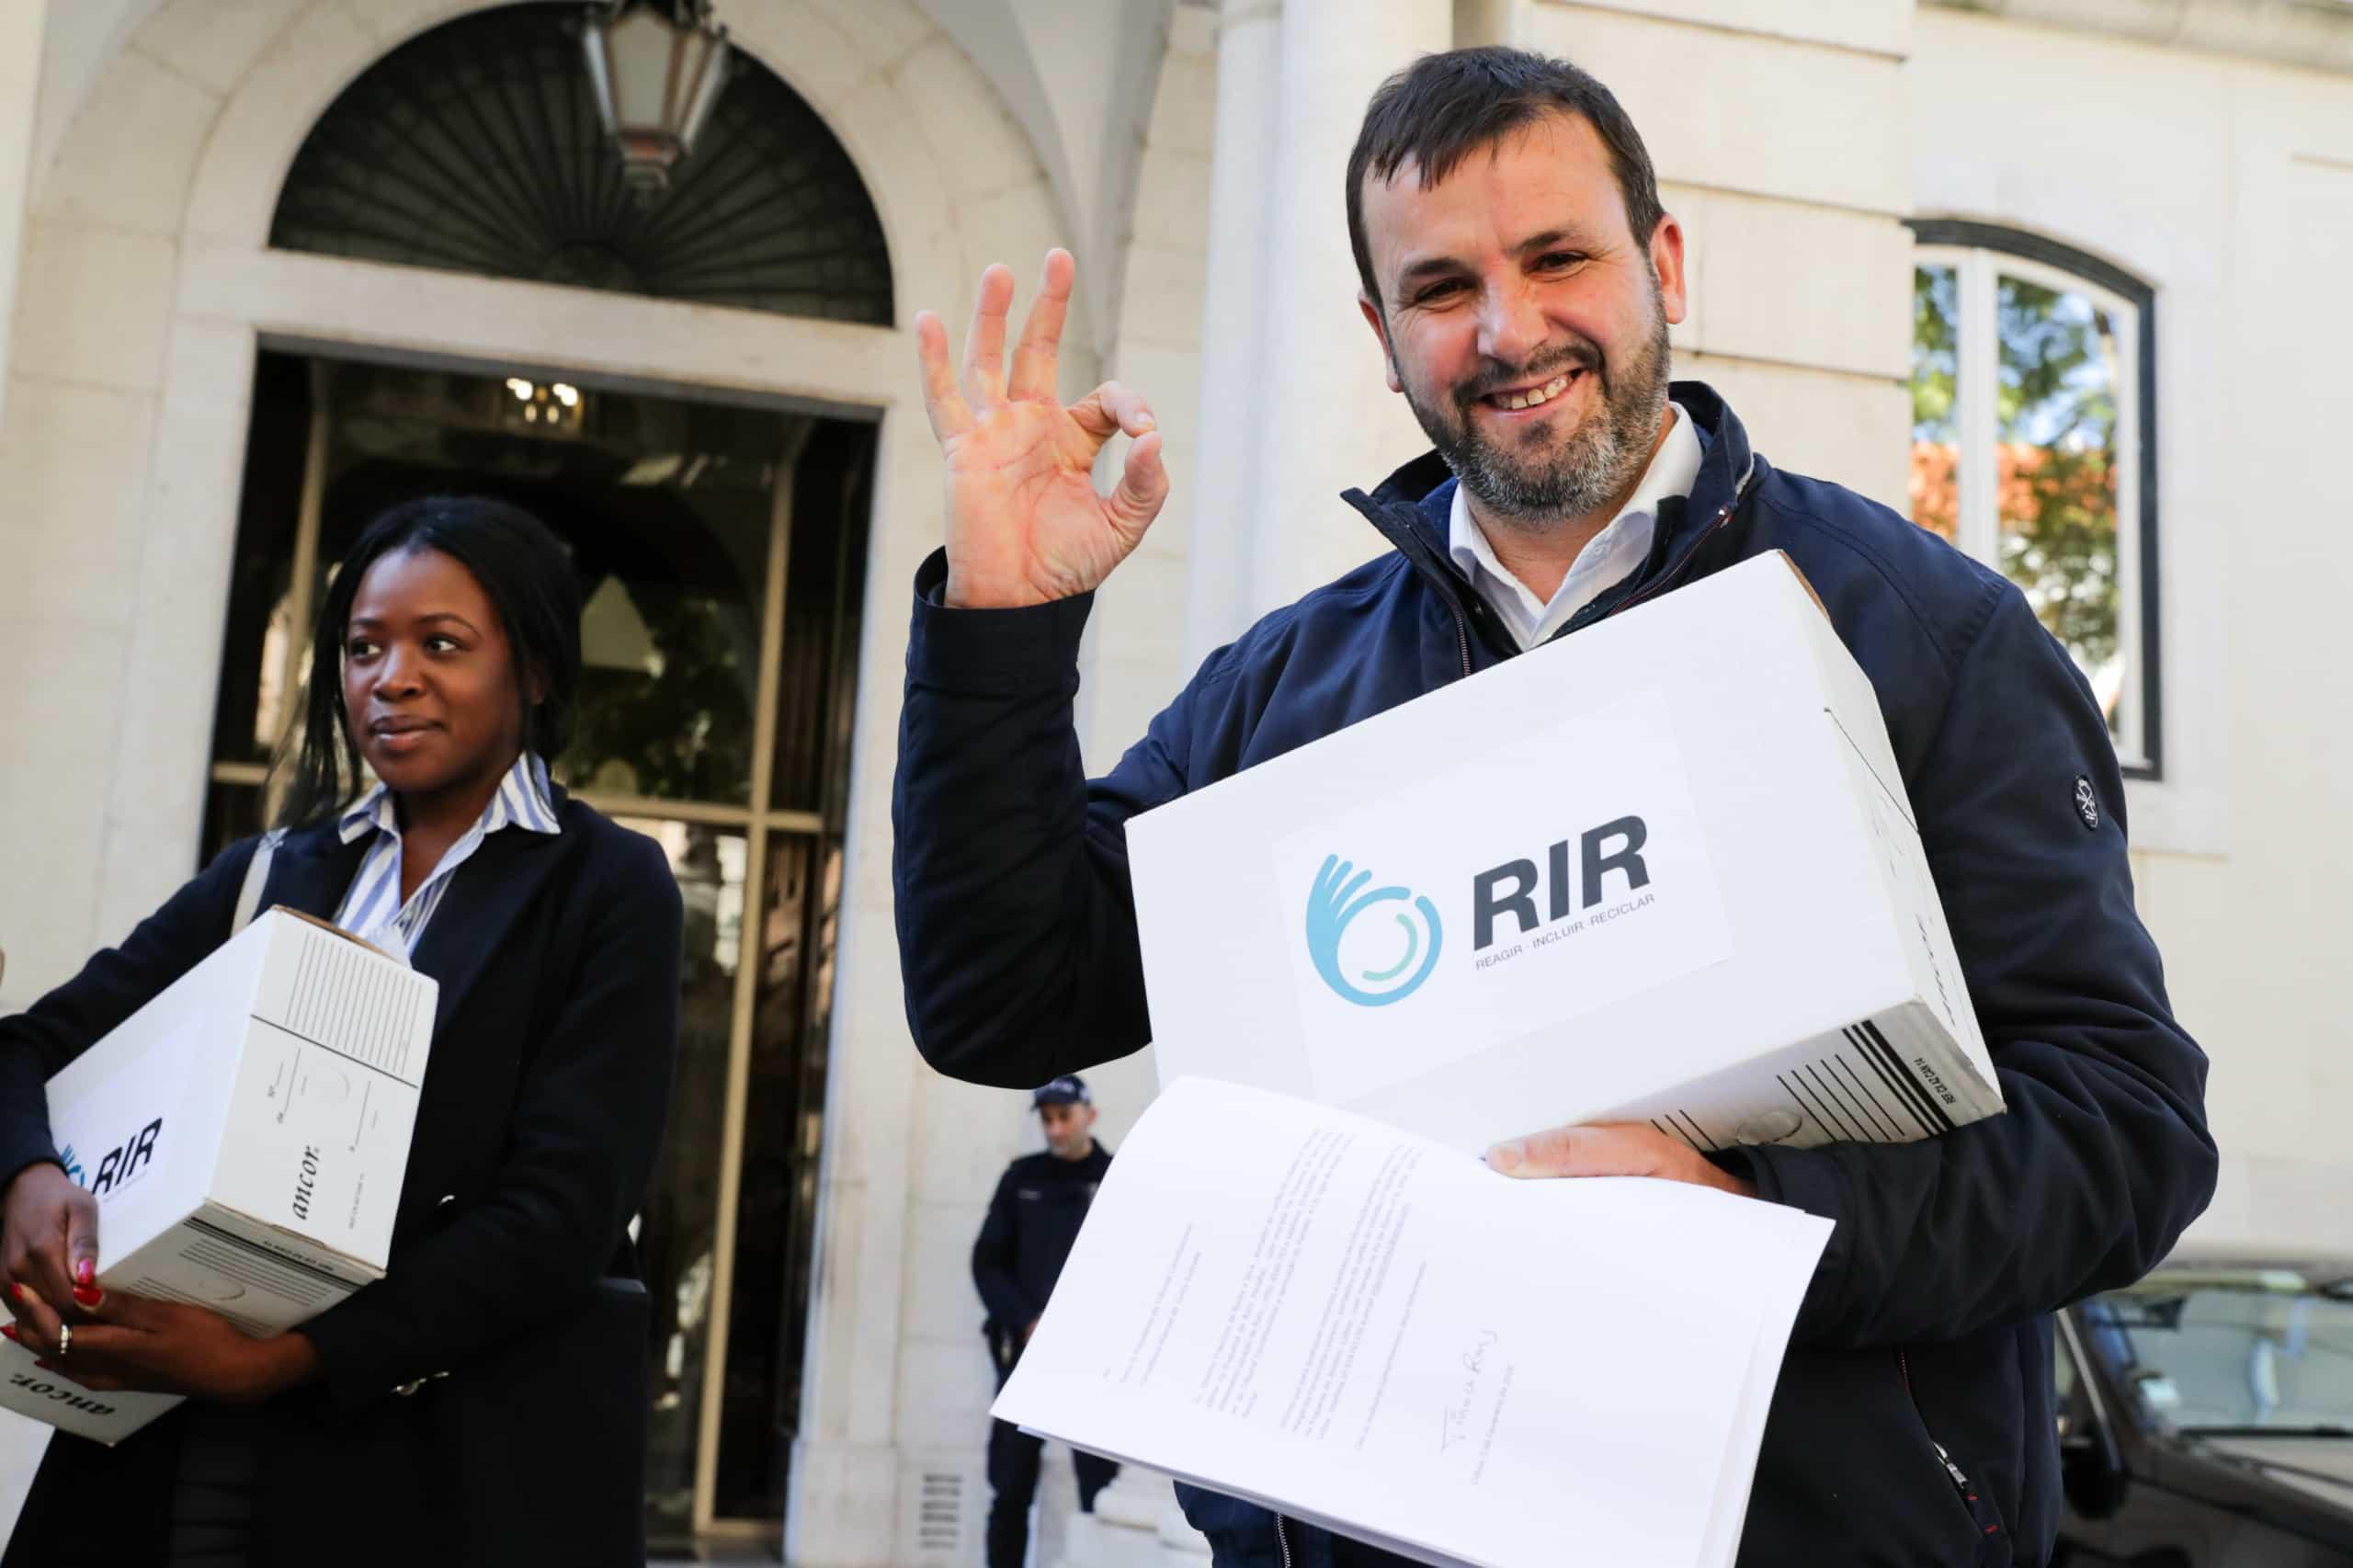 Tino de Rans formaliza RIR com o objetivo de ir a votos